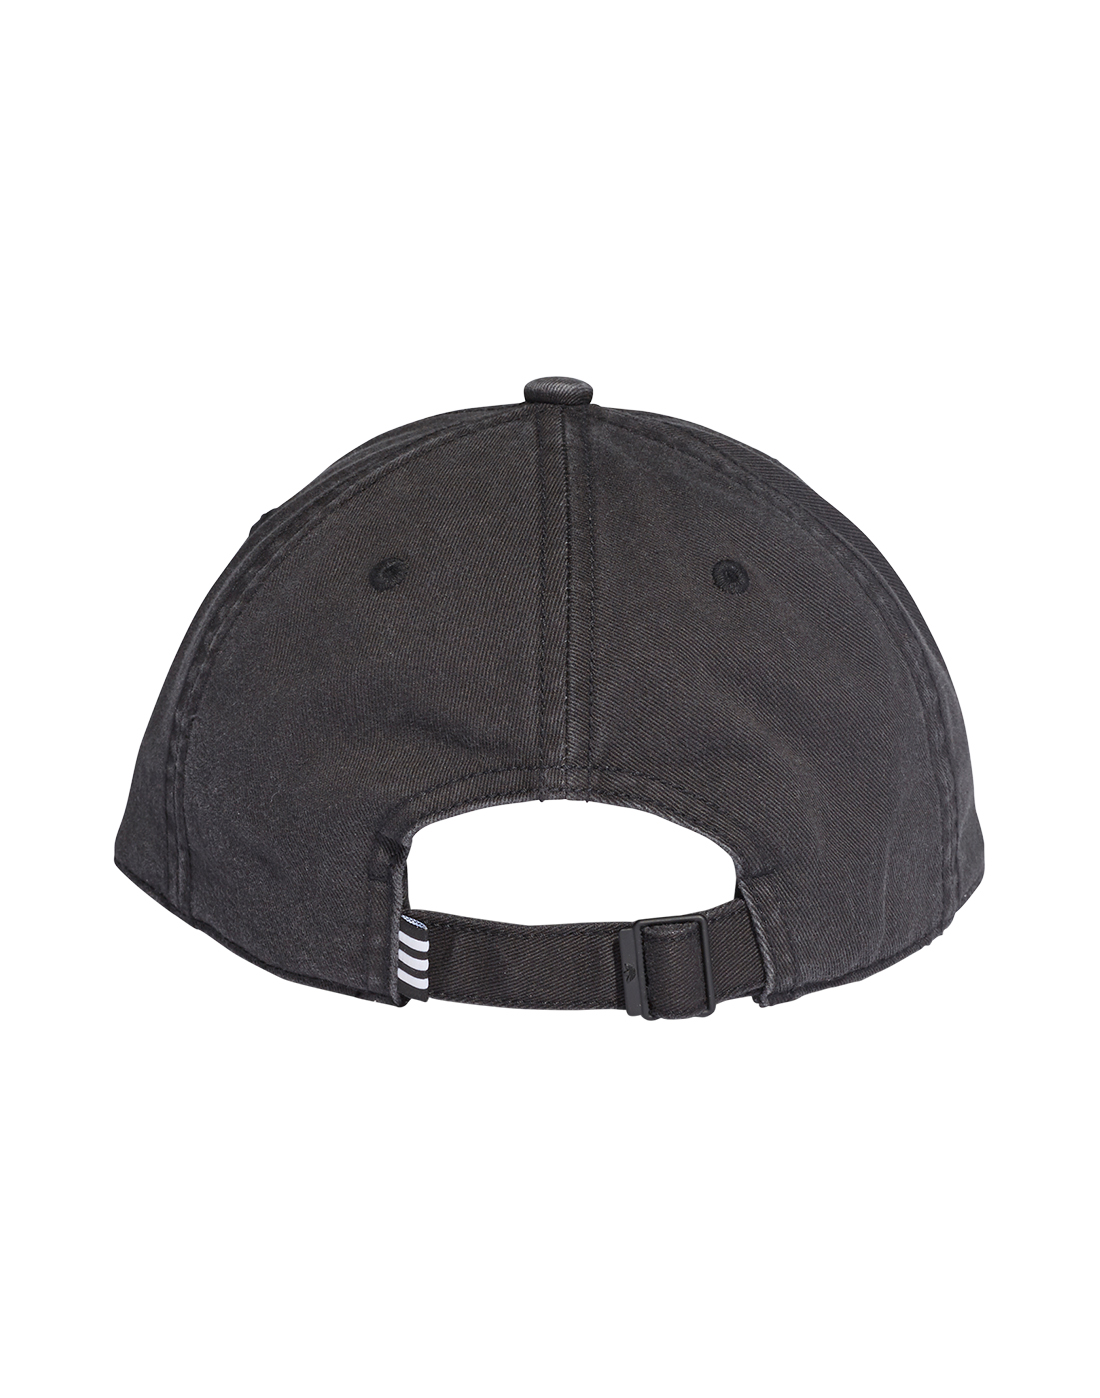 906d6ef2e4e72 adidas Originals. TREFOIL ADICOLOR WASHED CAP. TREFOIL ADICOLOR WASHED CAP  · TREFOIL ADICOLOR WASHED CAP